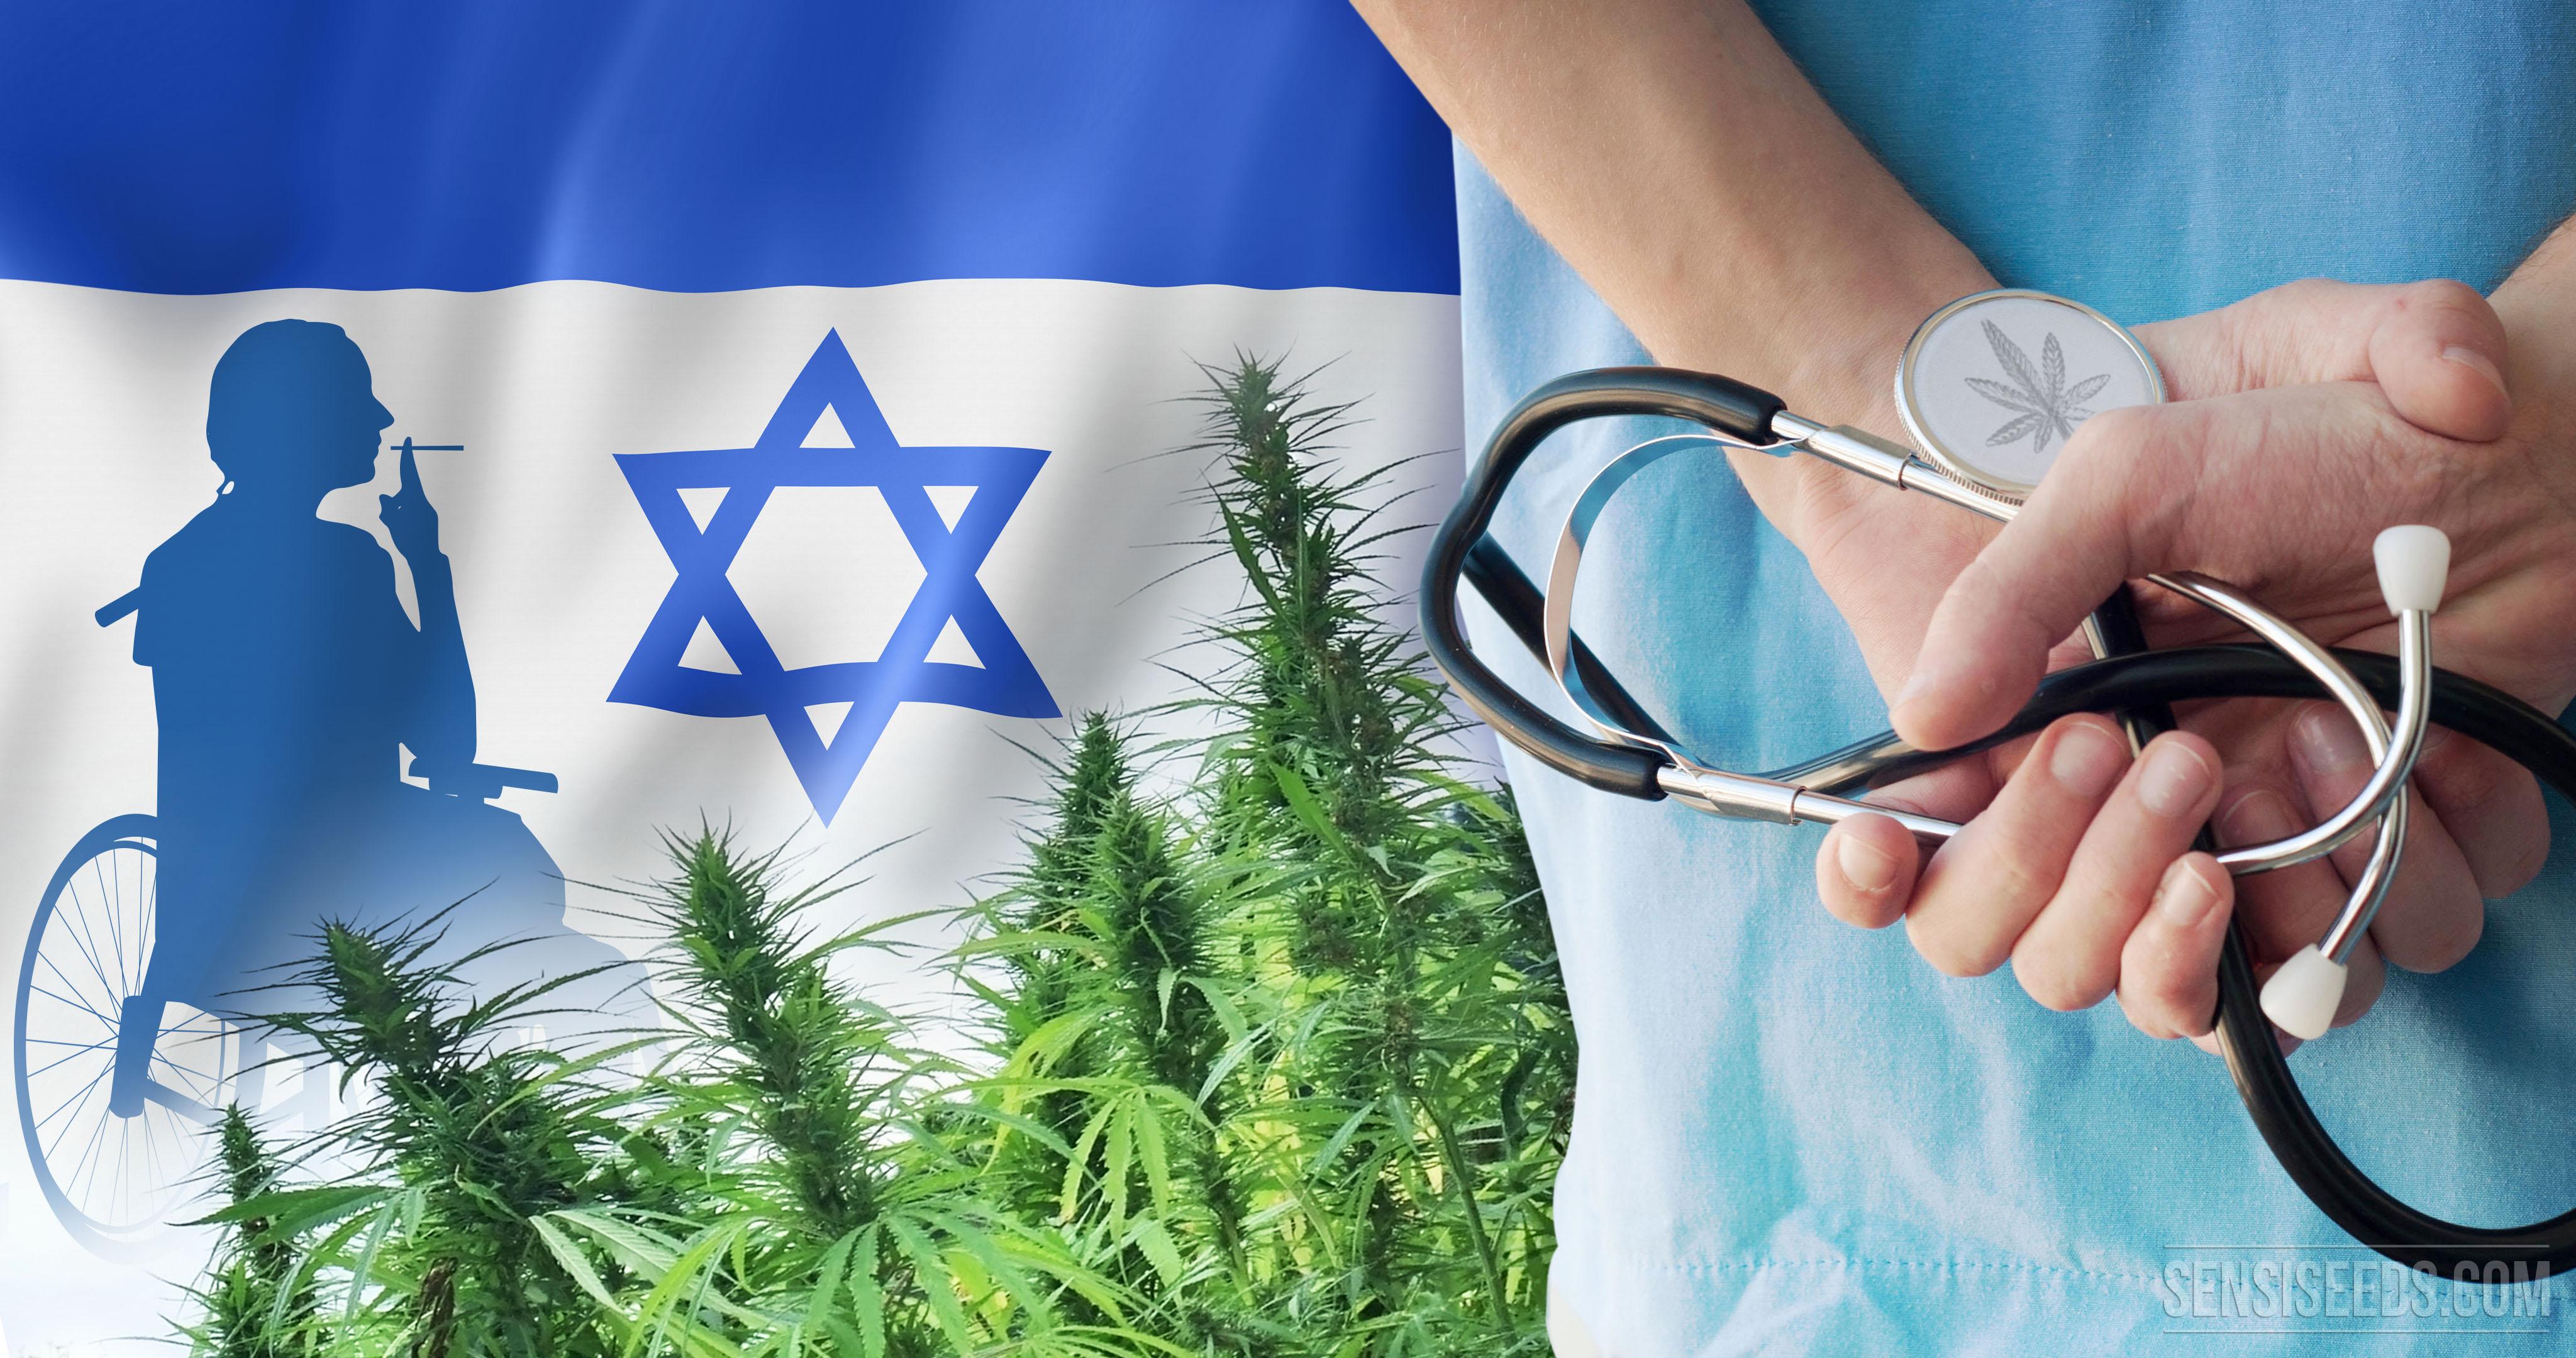 Israel a un paso de Exportar Marihuana Medicinal